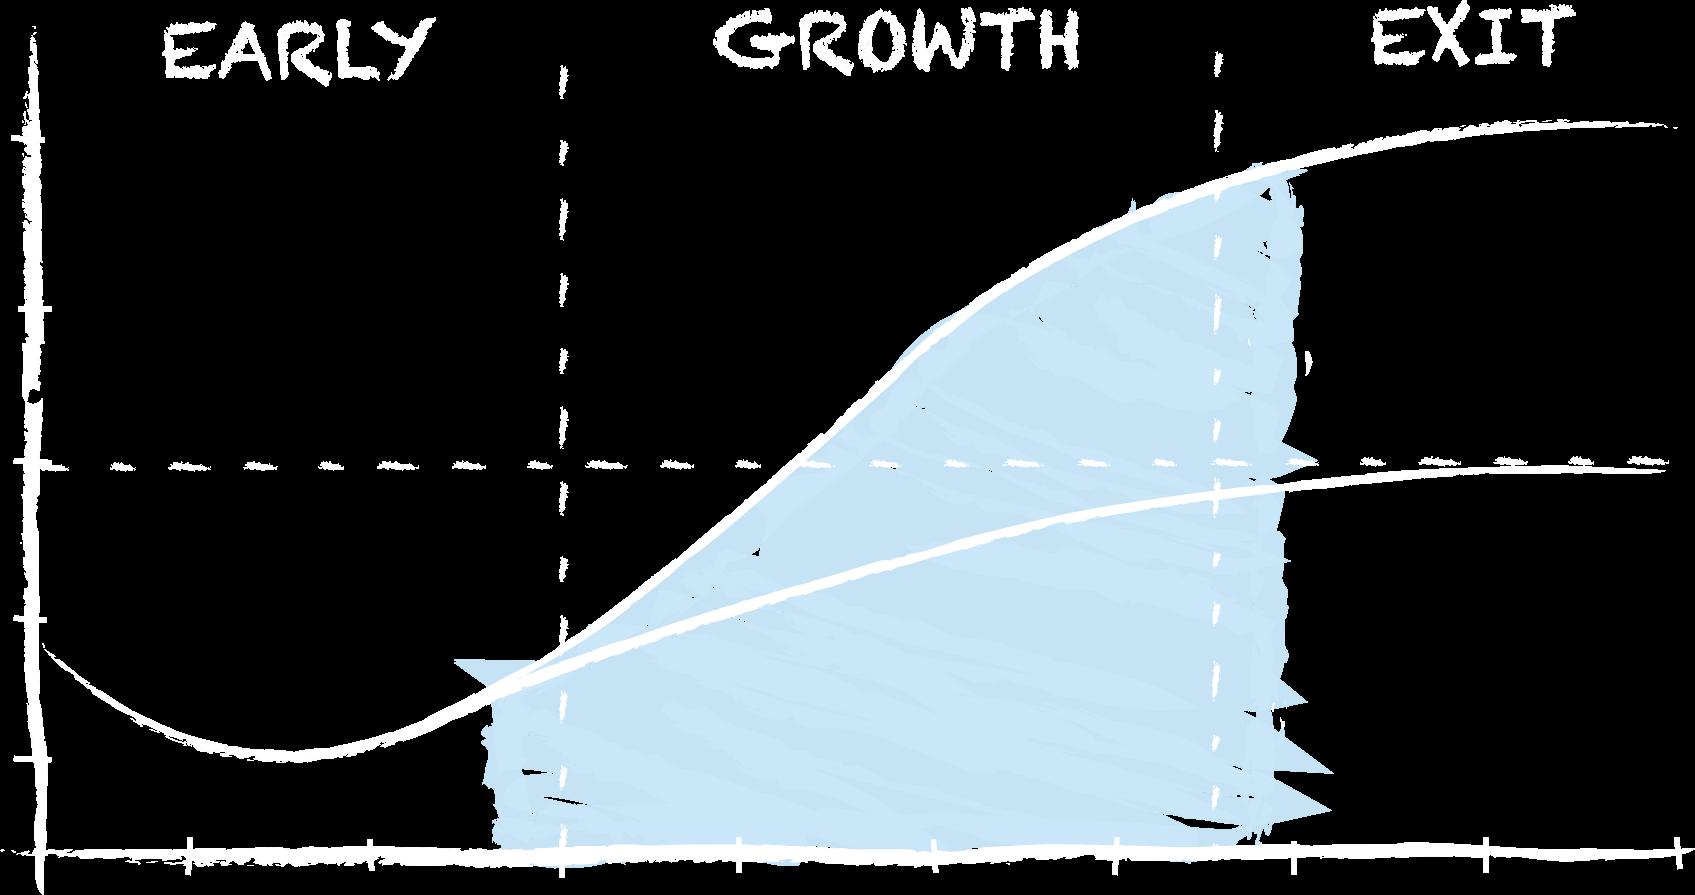 Growth Curve